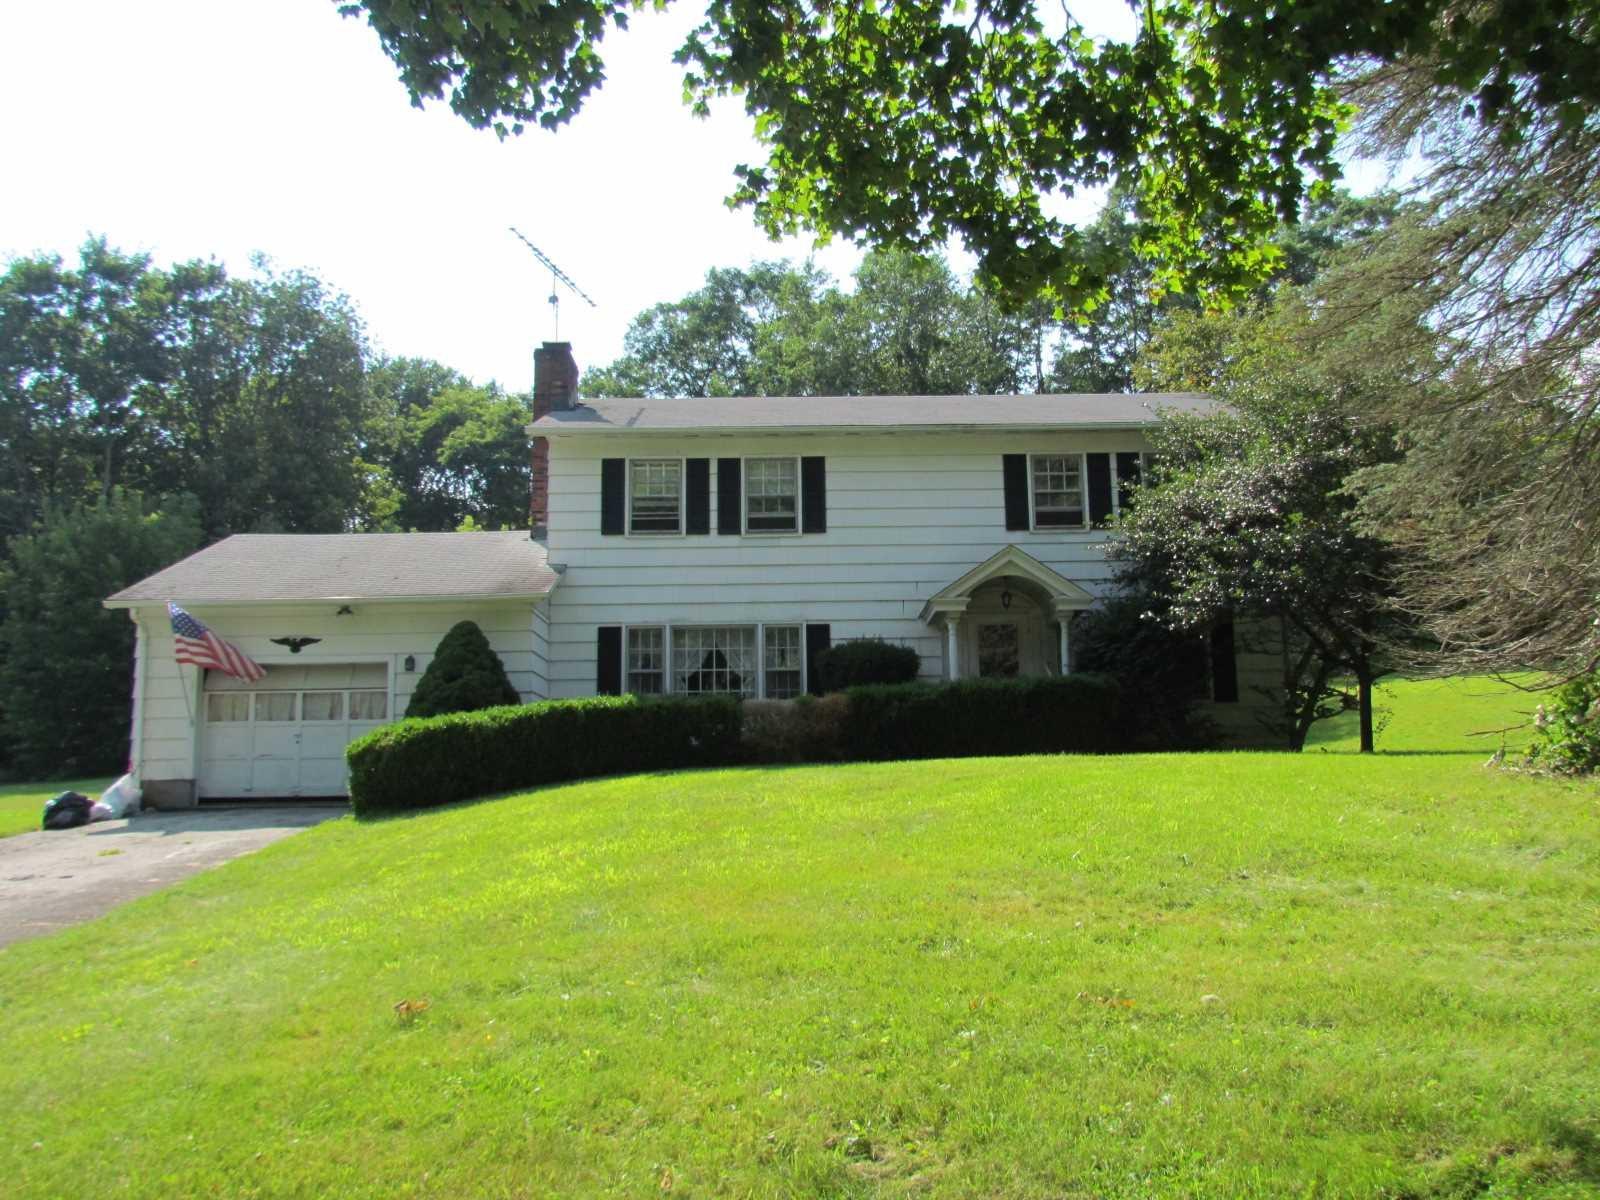 33 VALLEY FARM RD, V. Millbrook, NY 12545